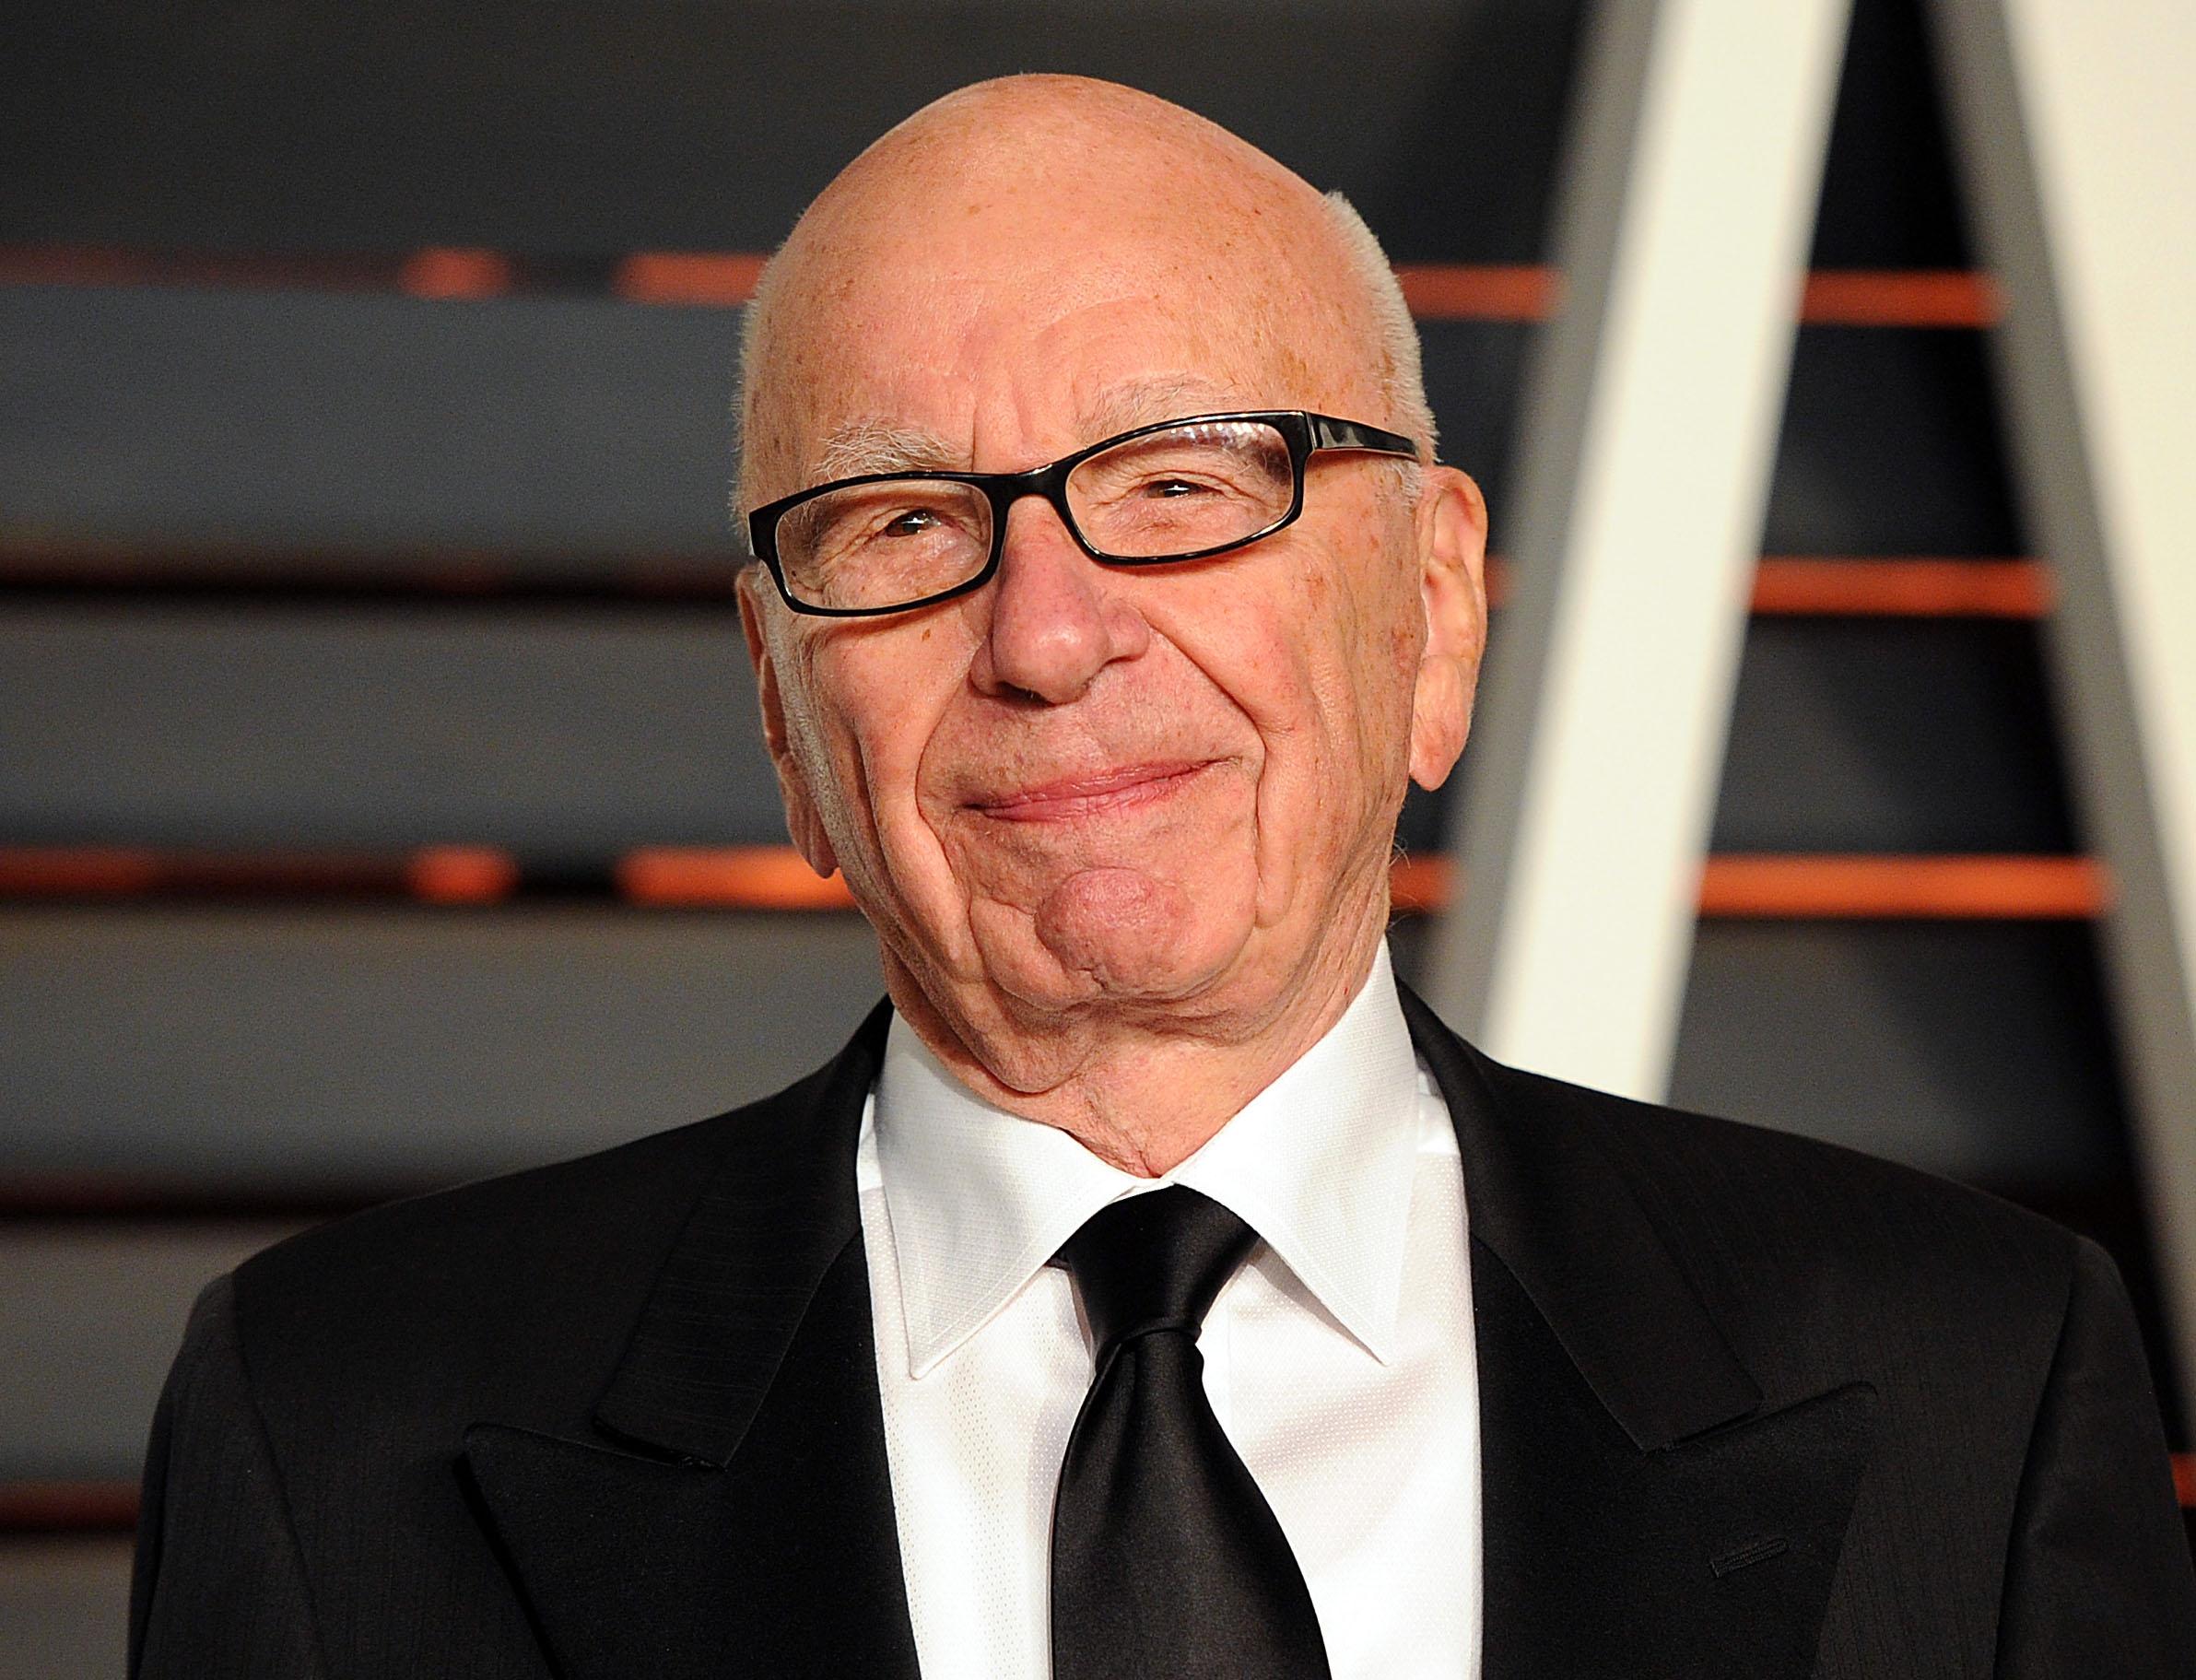 New York - Rupert Murdoch Apologizes For 'Real Black ... Rupert Murdoch